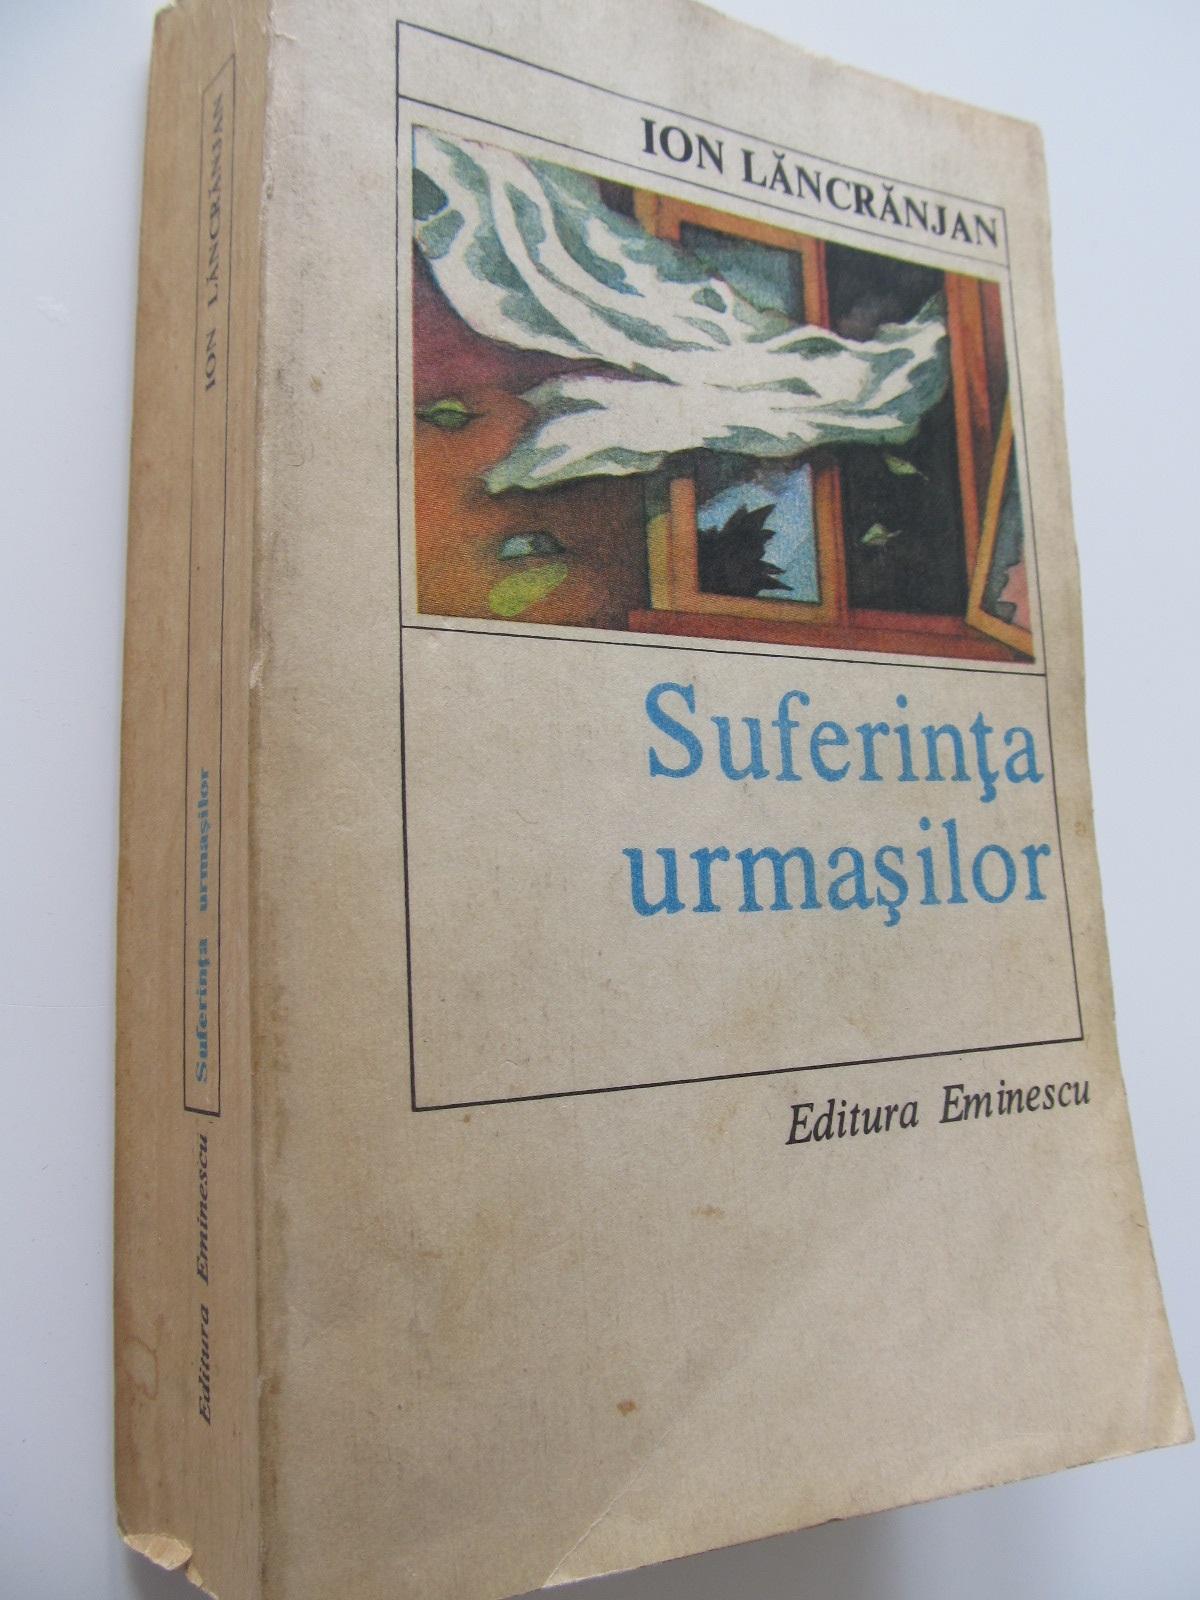 Suferinta urmasilor - Ion Lancranjan | Detalii carte